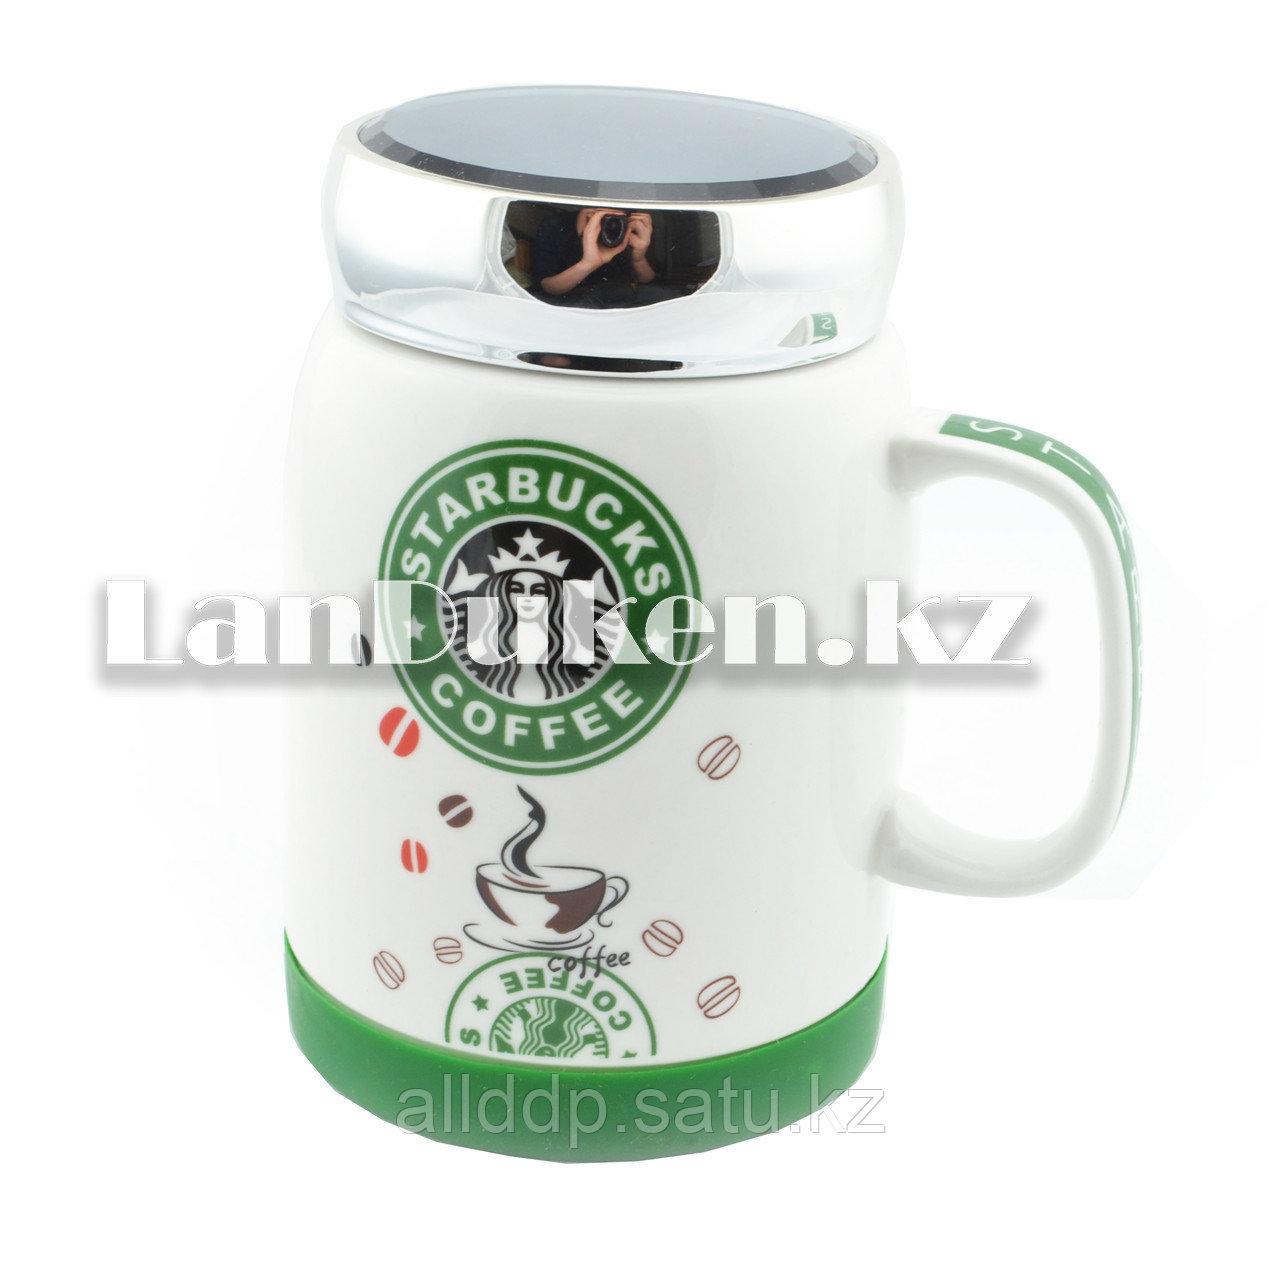 Чашки-кружки керамические с принтом Starbucks CUP для кофе и чая 350 мл зеленый